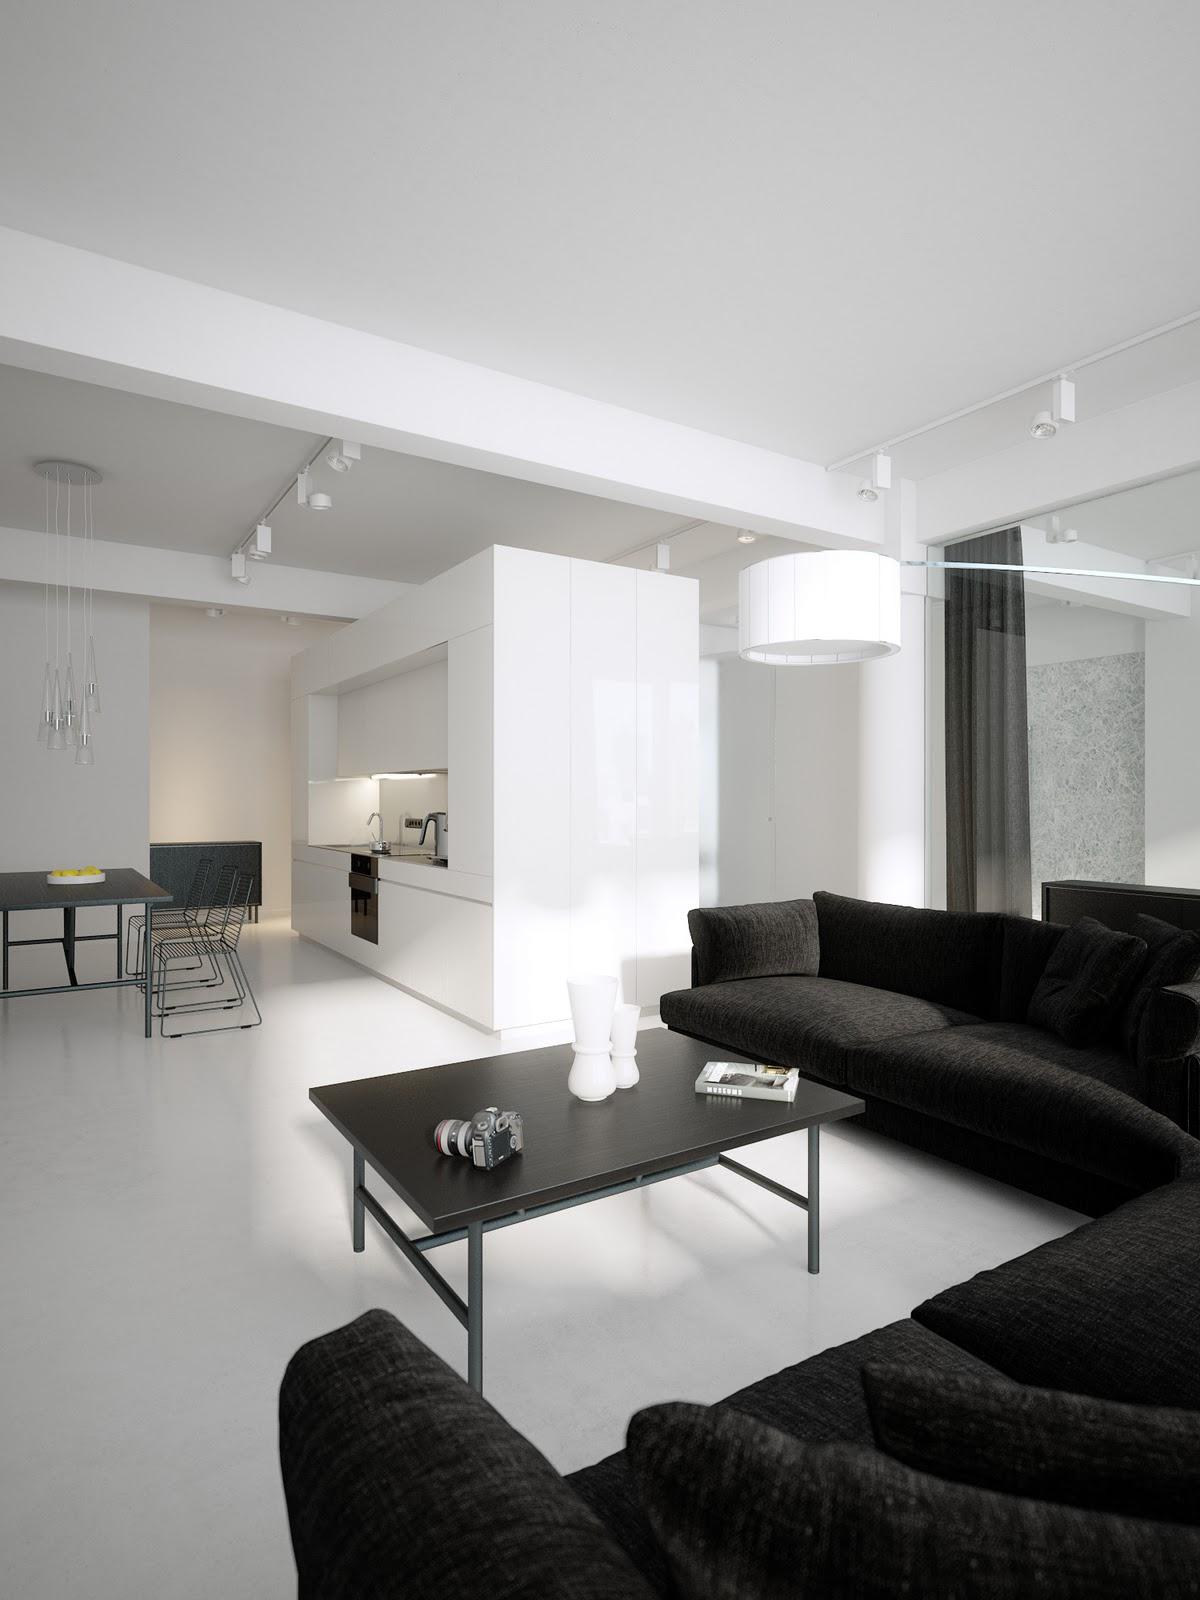 Minimalist Interior Design: Modern Minimalist Interior By Sergey Baskakov